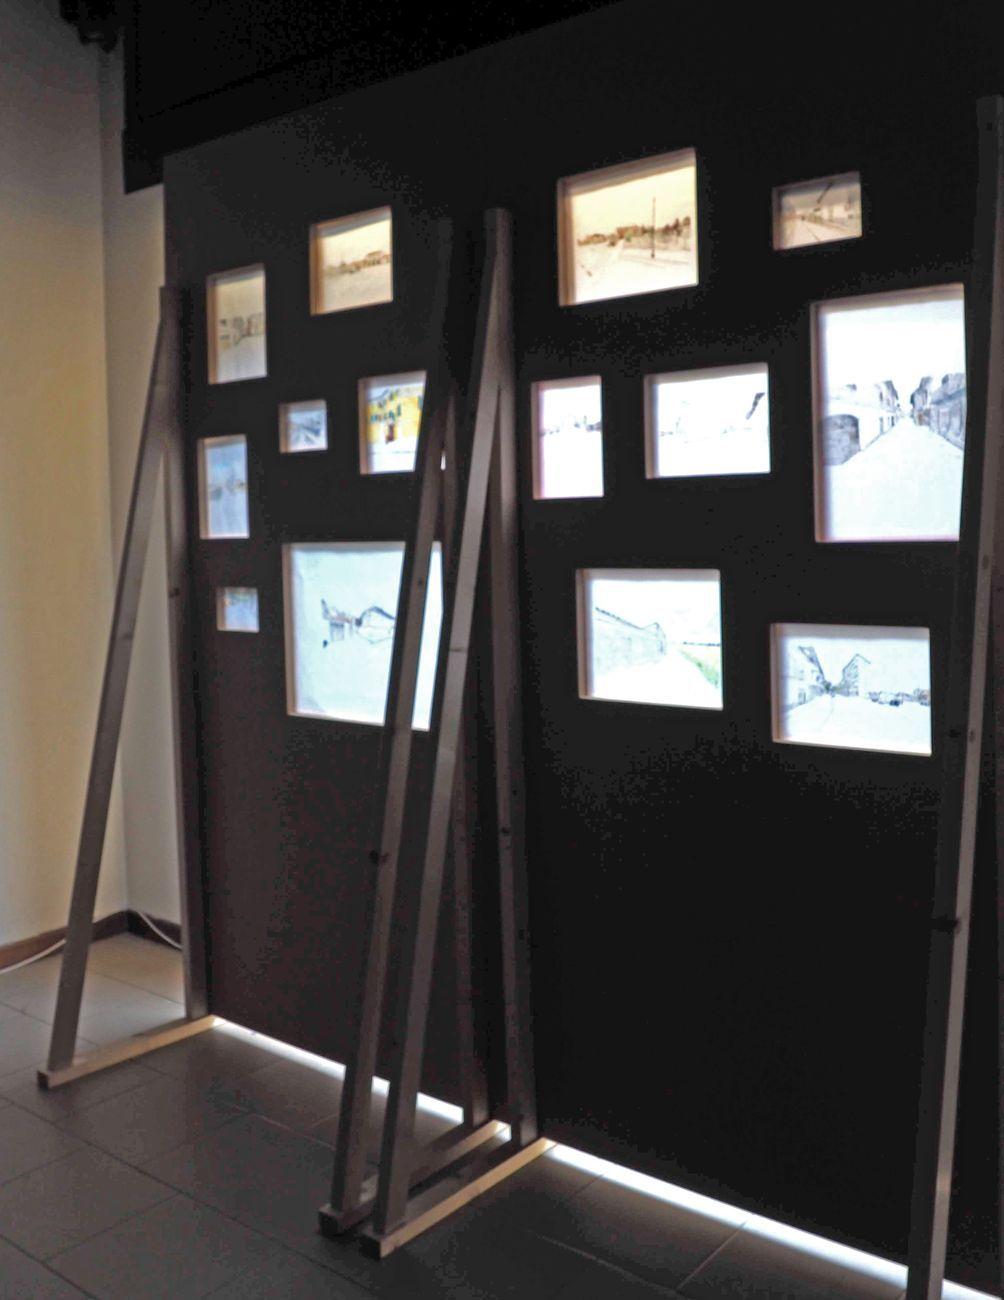 Paola Gaggiotti, Le immagini che restano, 2020. Quarta Vetrina, Libreria delle donne di Milano. 14 disegni su pannelli, cm 212x220. Veduta interna (particolare)